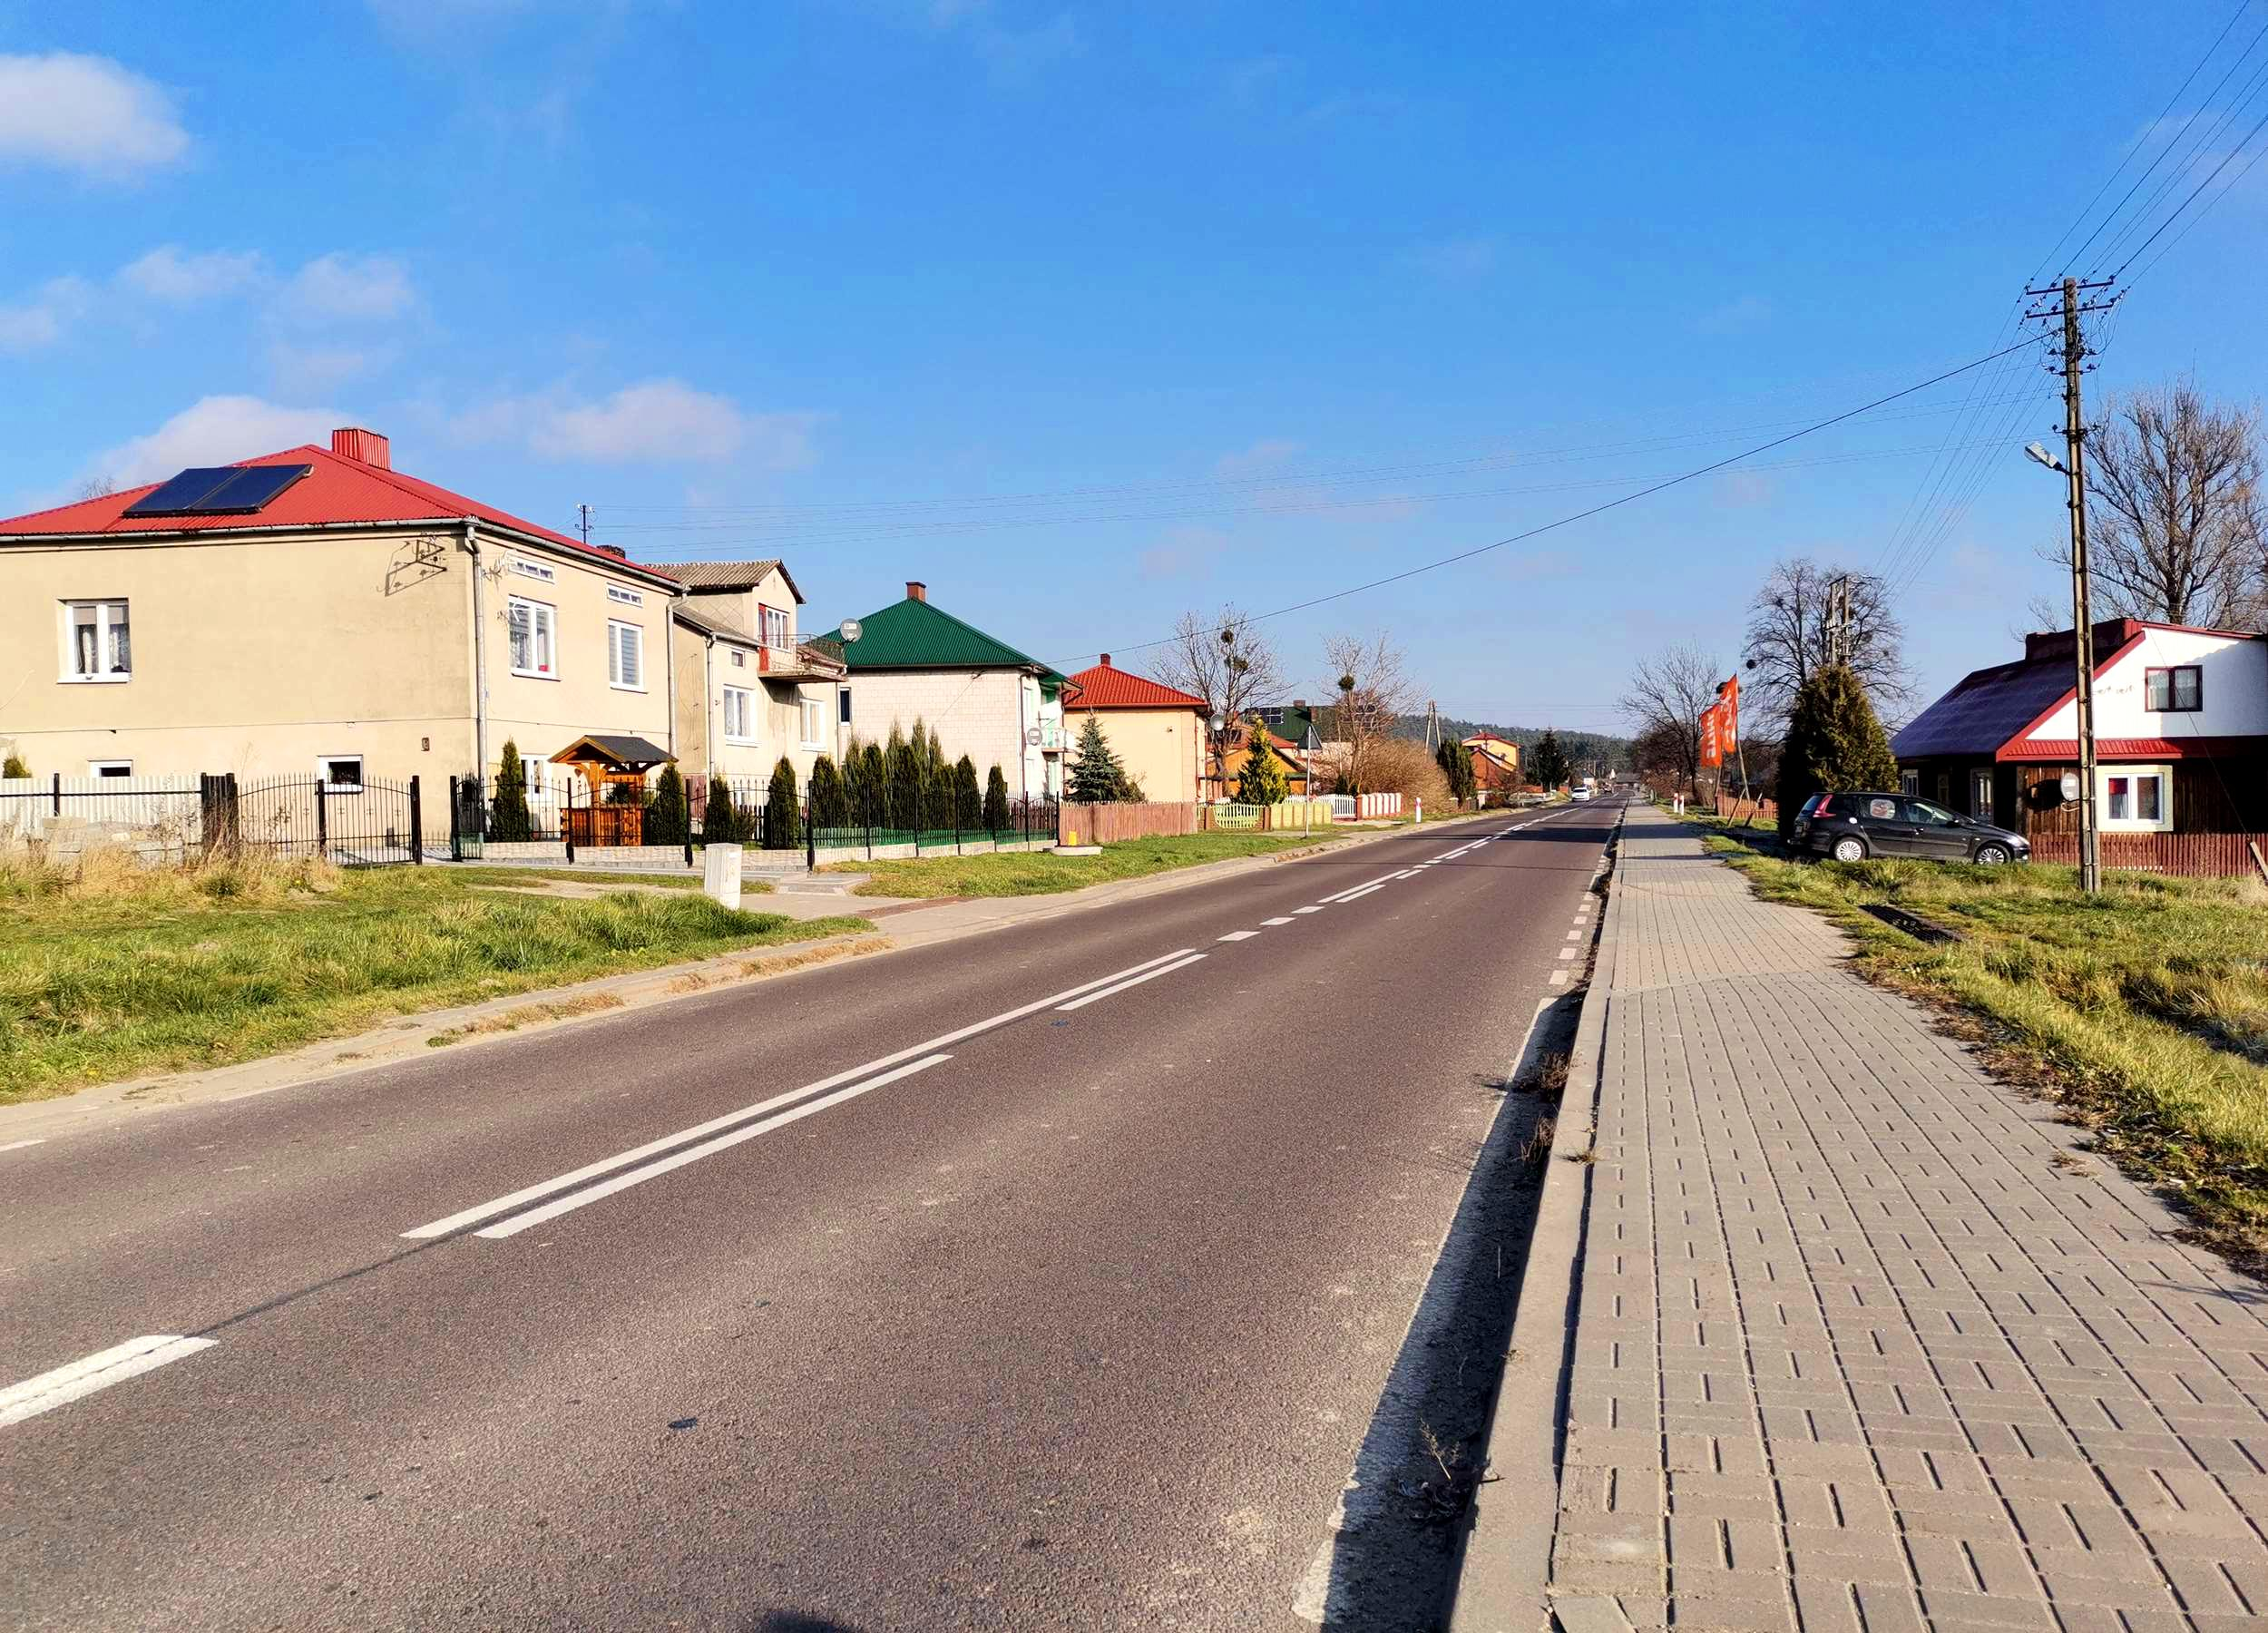 dzialka jacnia adamow - działka na sprzedaż - Krzysztof Górski Nieruchomości Zamość